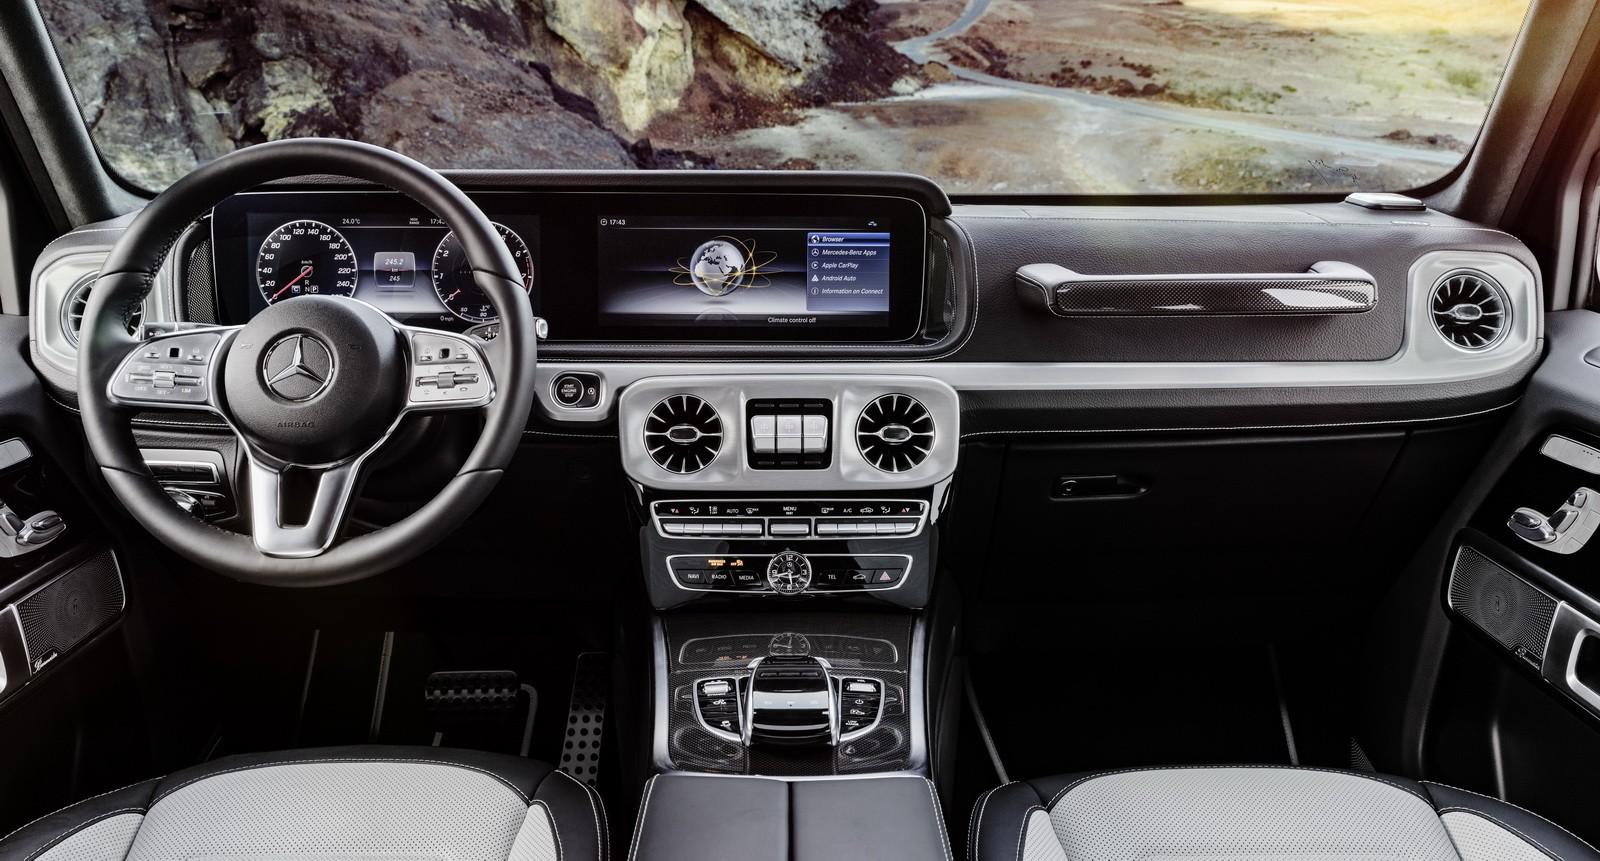 Thị trường xe - Mercedes-Benz G-Class 2019 bị đại lý 'hét' giá cao hơn niêm yết (Hình 6).